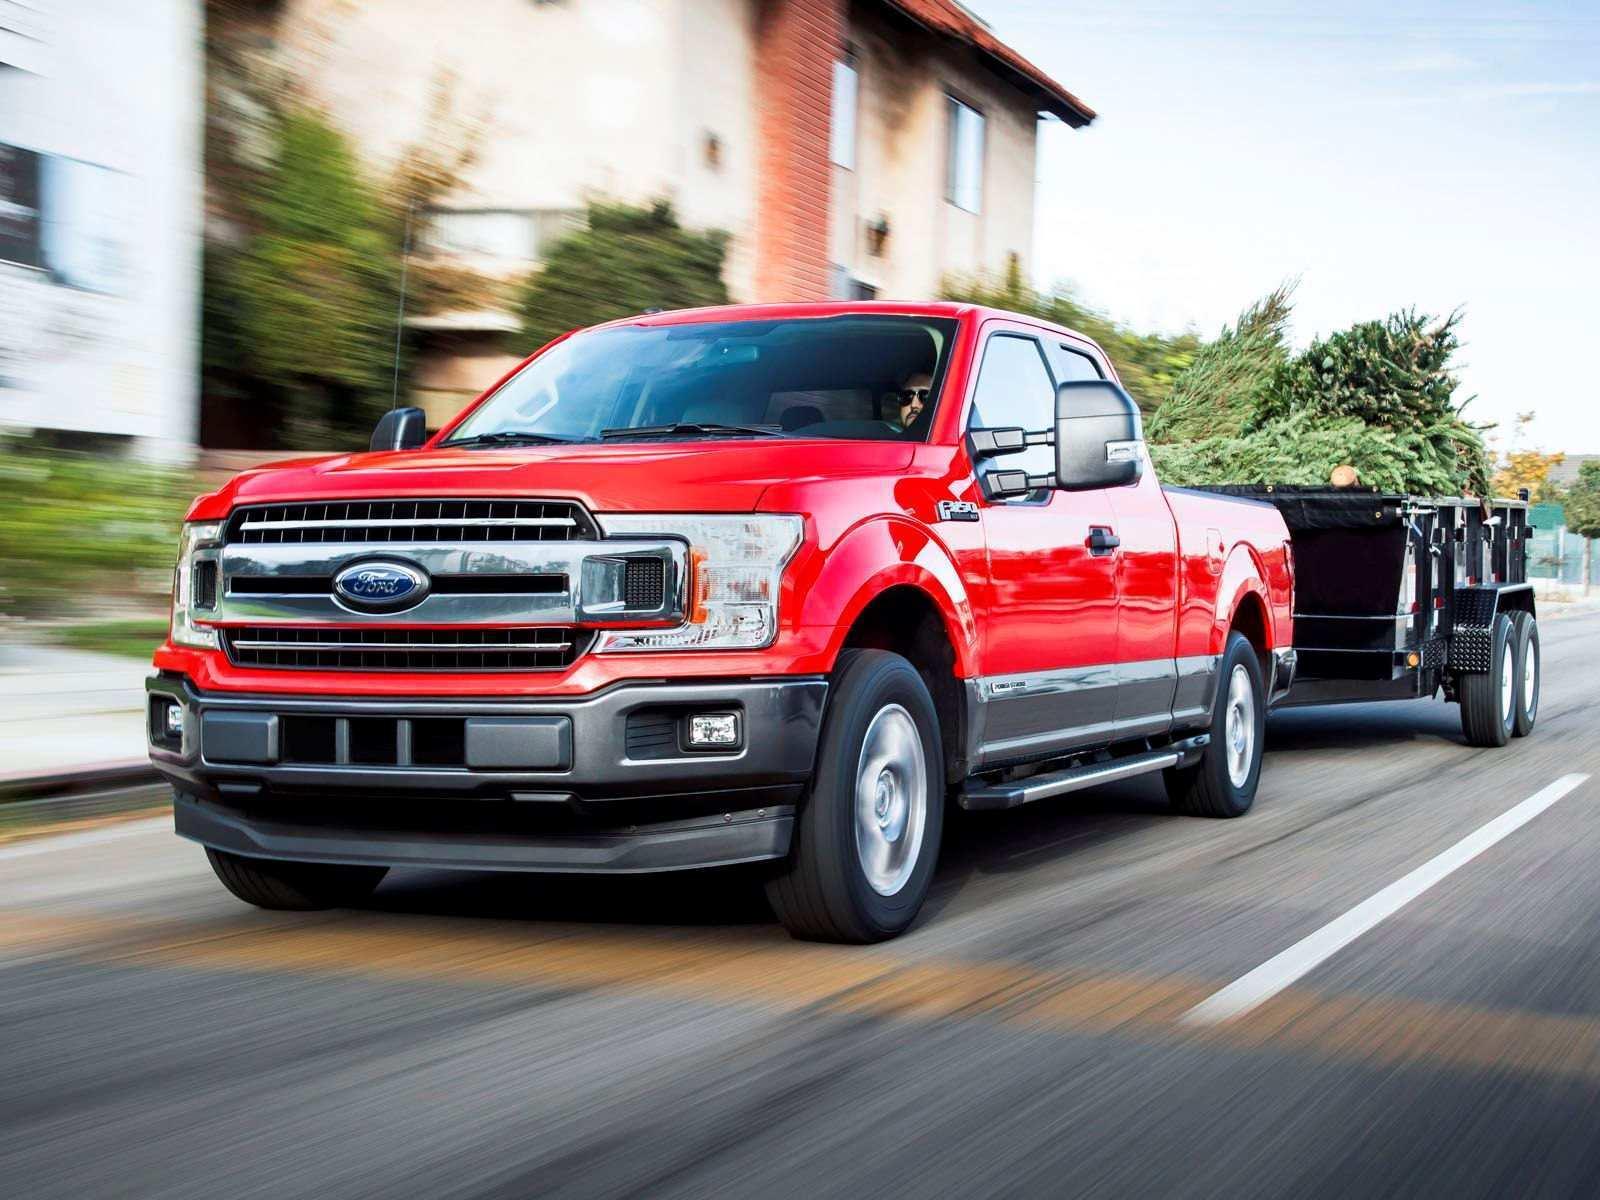 82 New 2019 Ford 7 3 Diesel Model by 2019 Ford 7 3 Diesel